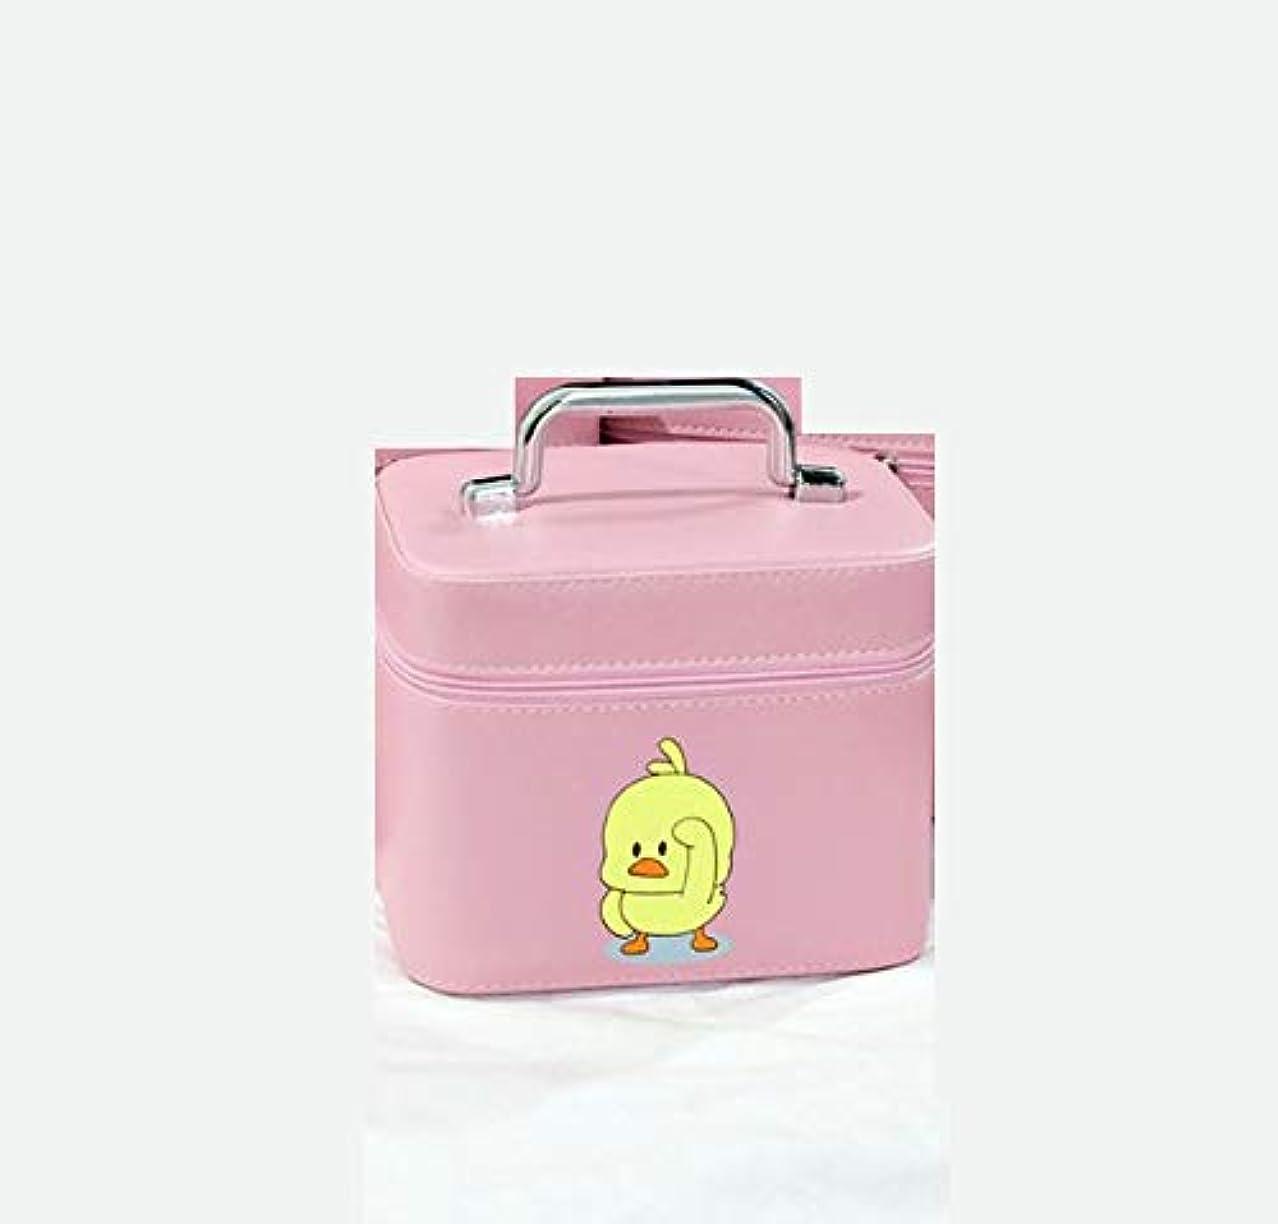 スロープ慎重悪意のある化粧箱、大容量漫画アヒル化粧品ケース、ポータブル旅行化粧品ケース、美容ネイルジュエリー収納ボックス (Size : M)